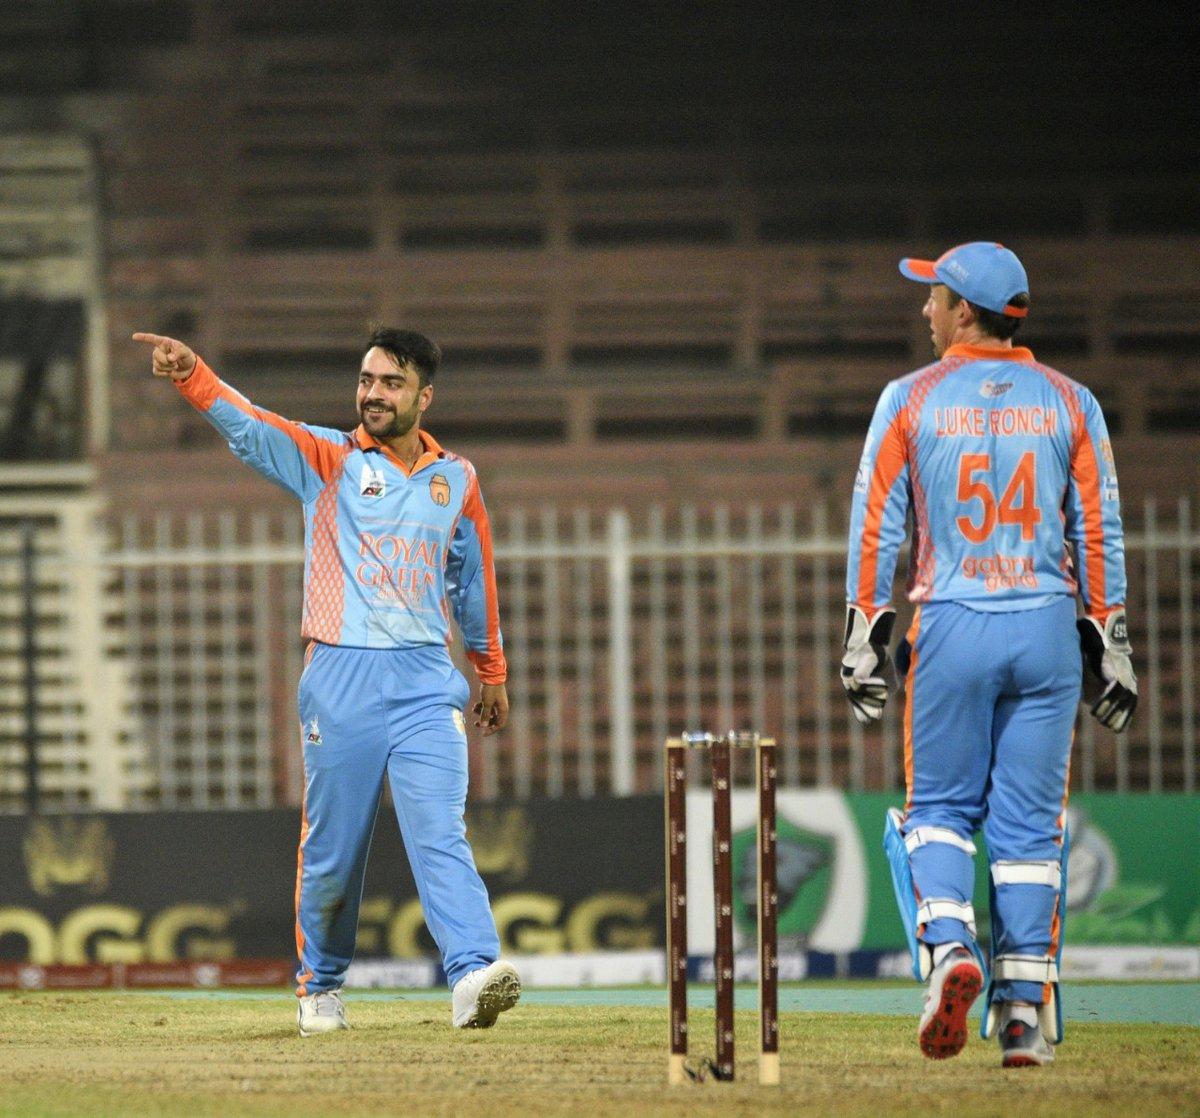 APL 2018: 6 6 6 के मदद से राशिद  खान ने खेली तूफानी पारी, मात्र 8 गेंदों में जीता दिया टीम को मैच 1